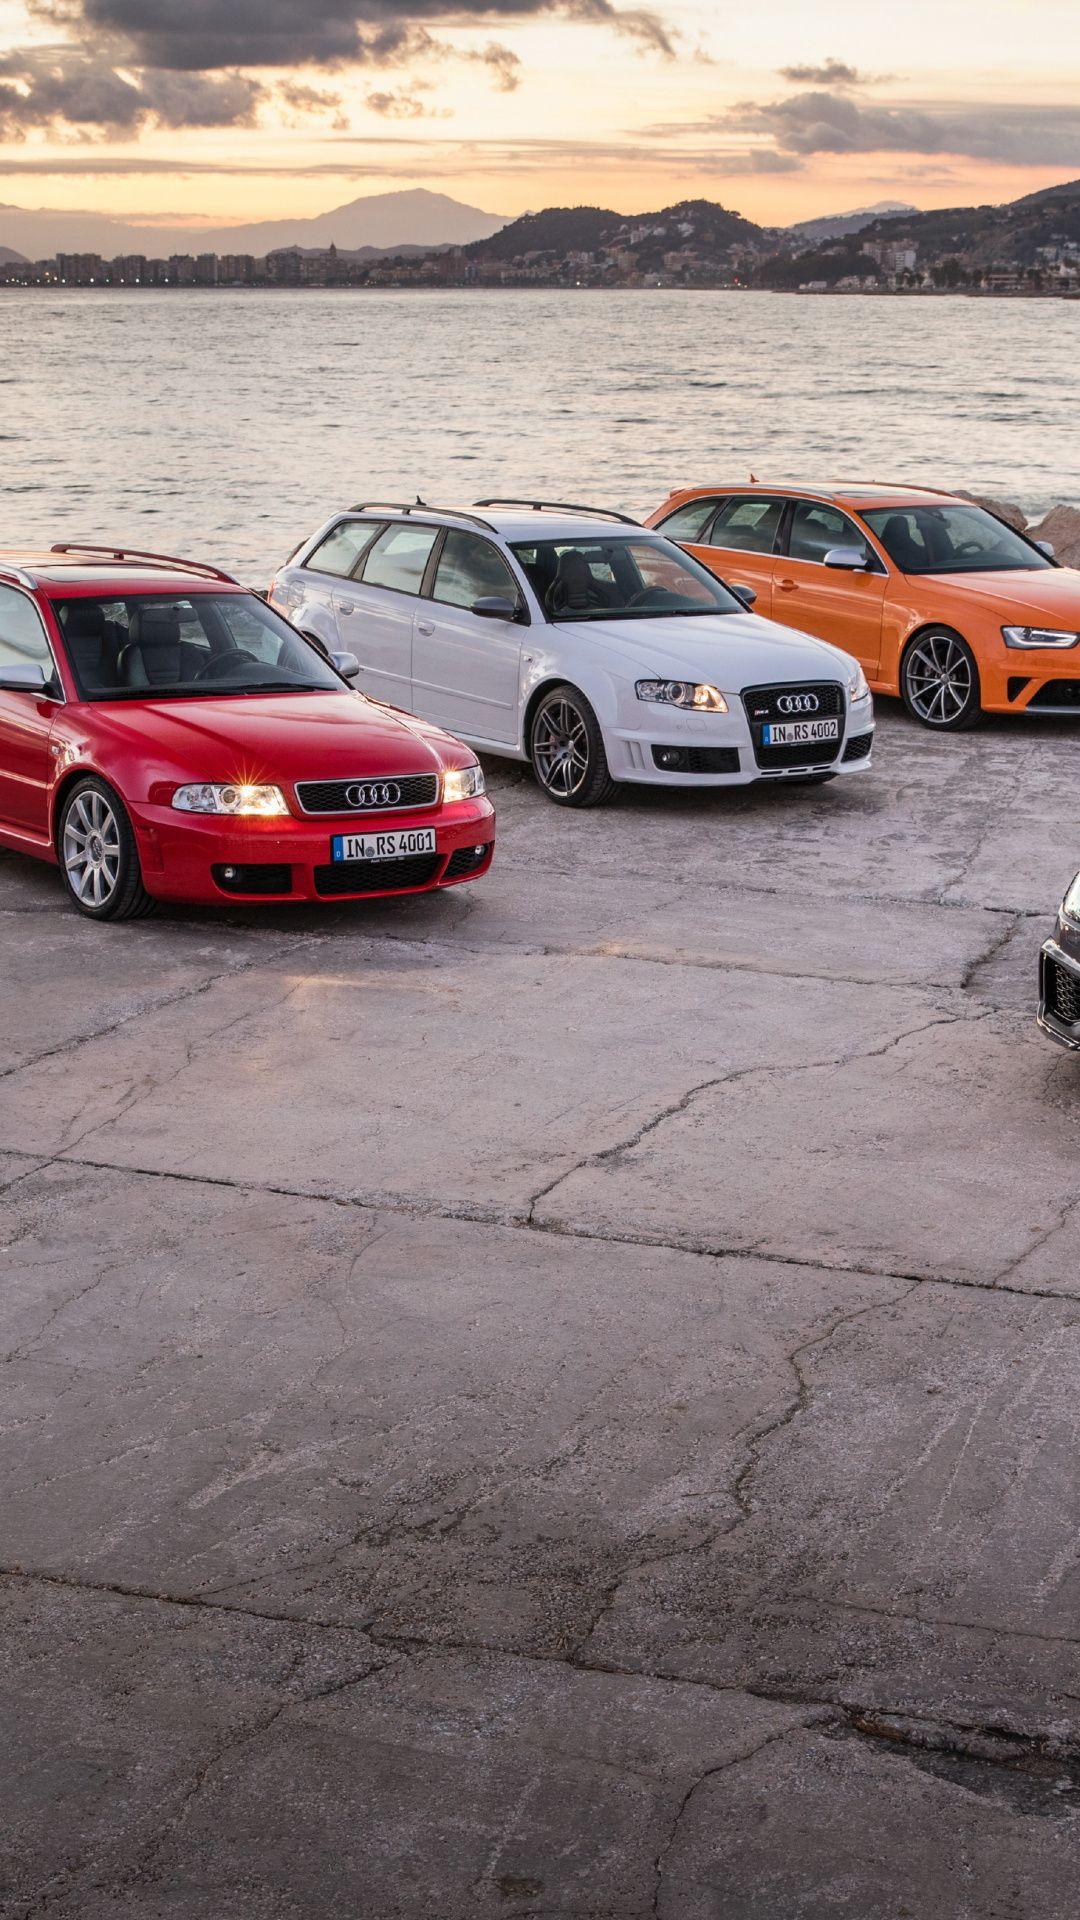 Audi Rs4 Cars Wallpaper Audi Audi Rs4 Cars Wallpaper